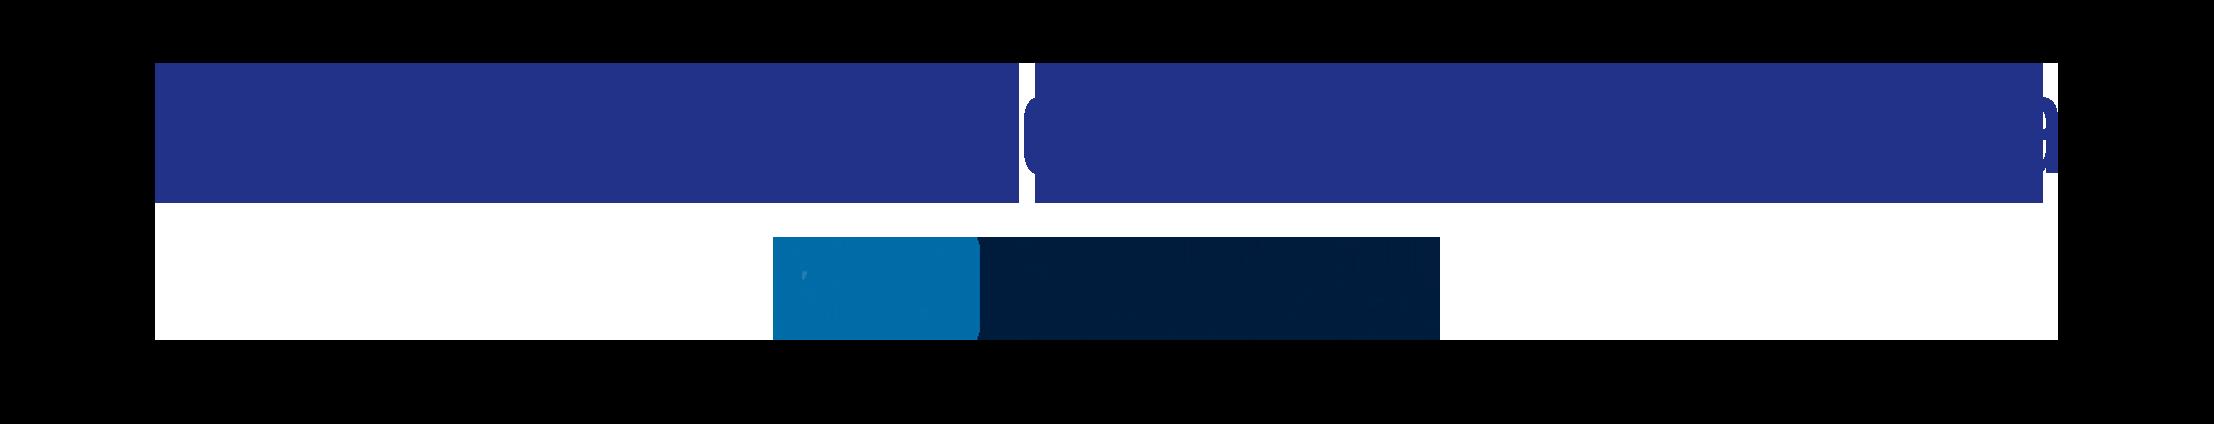 Profesionalidad, servicio y garantia ONNautic